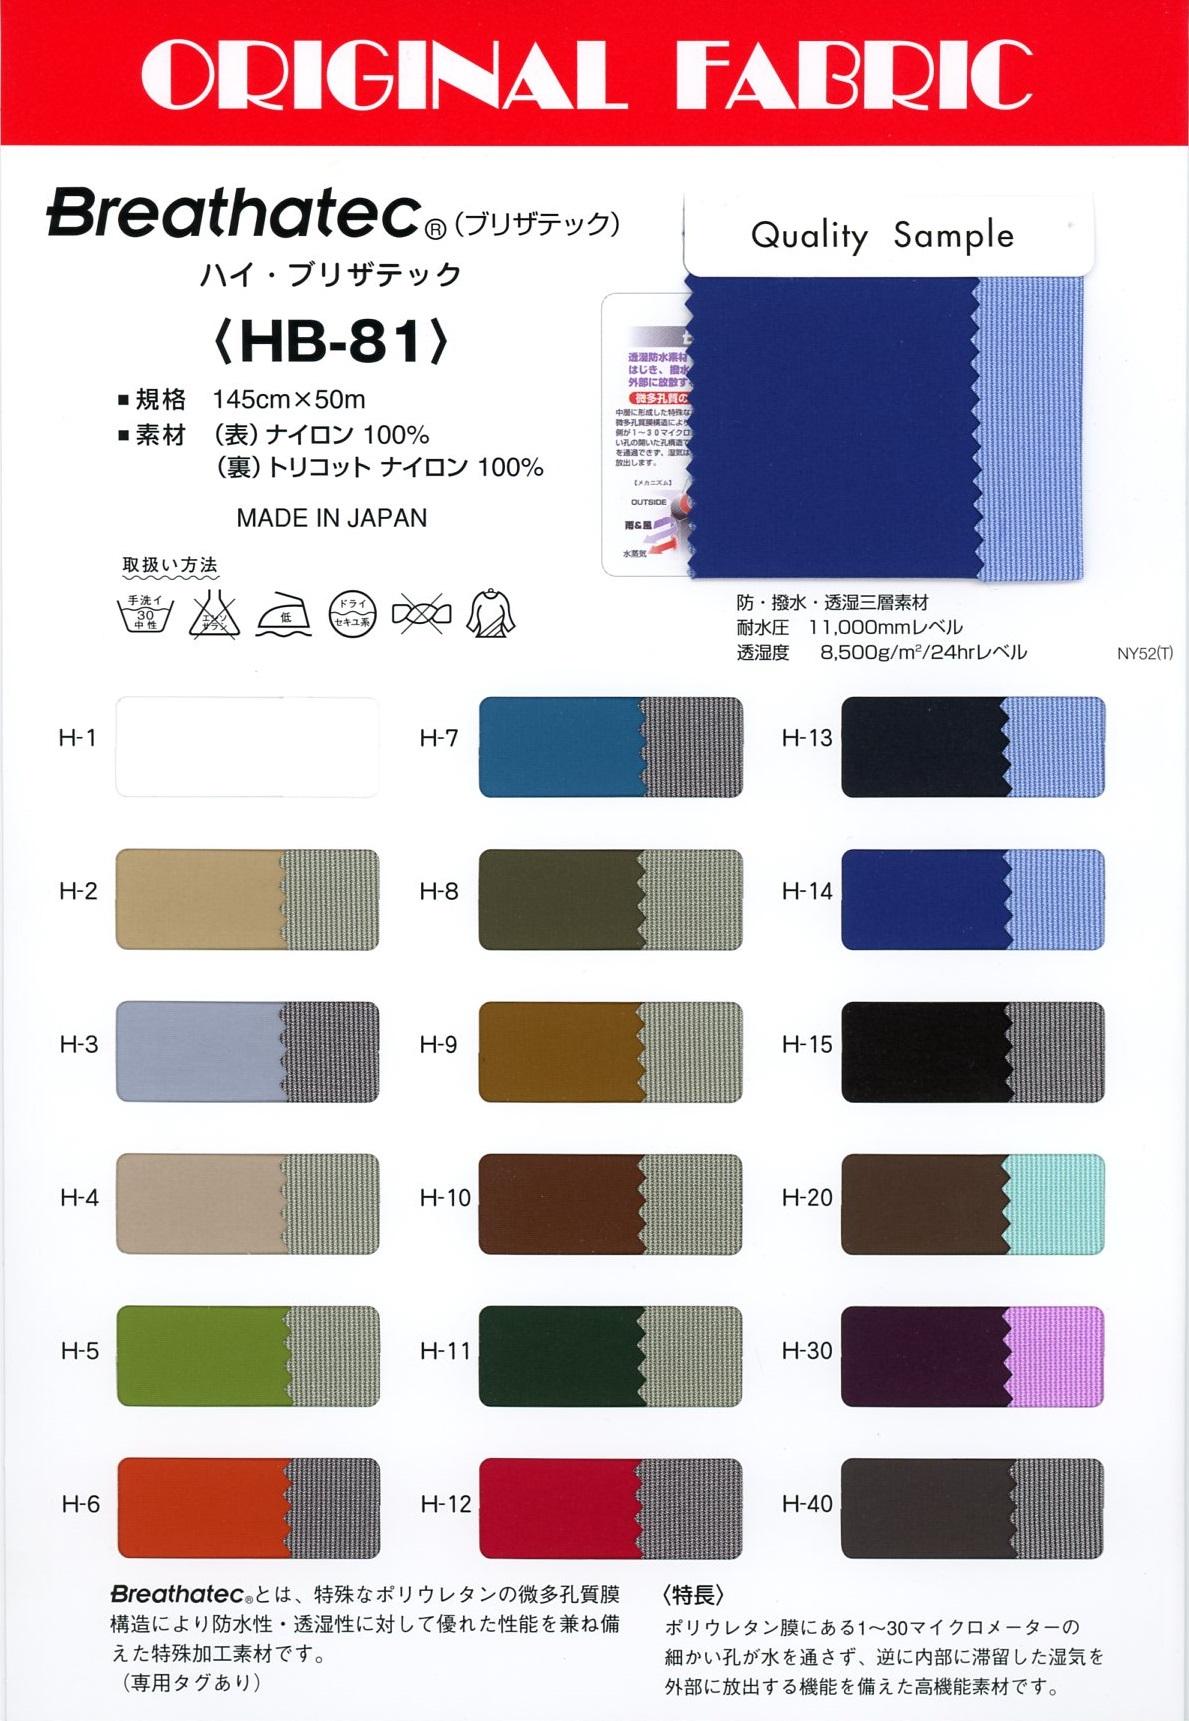 HB-81 ハイ・ブリザテック[生地] Masuda(マスダ)/オークラ商事 - ApparelX アパレル資材卸通販